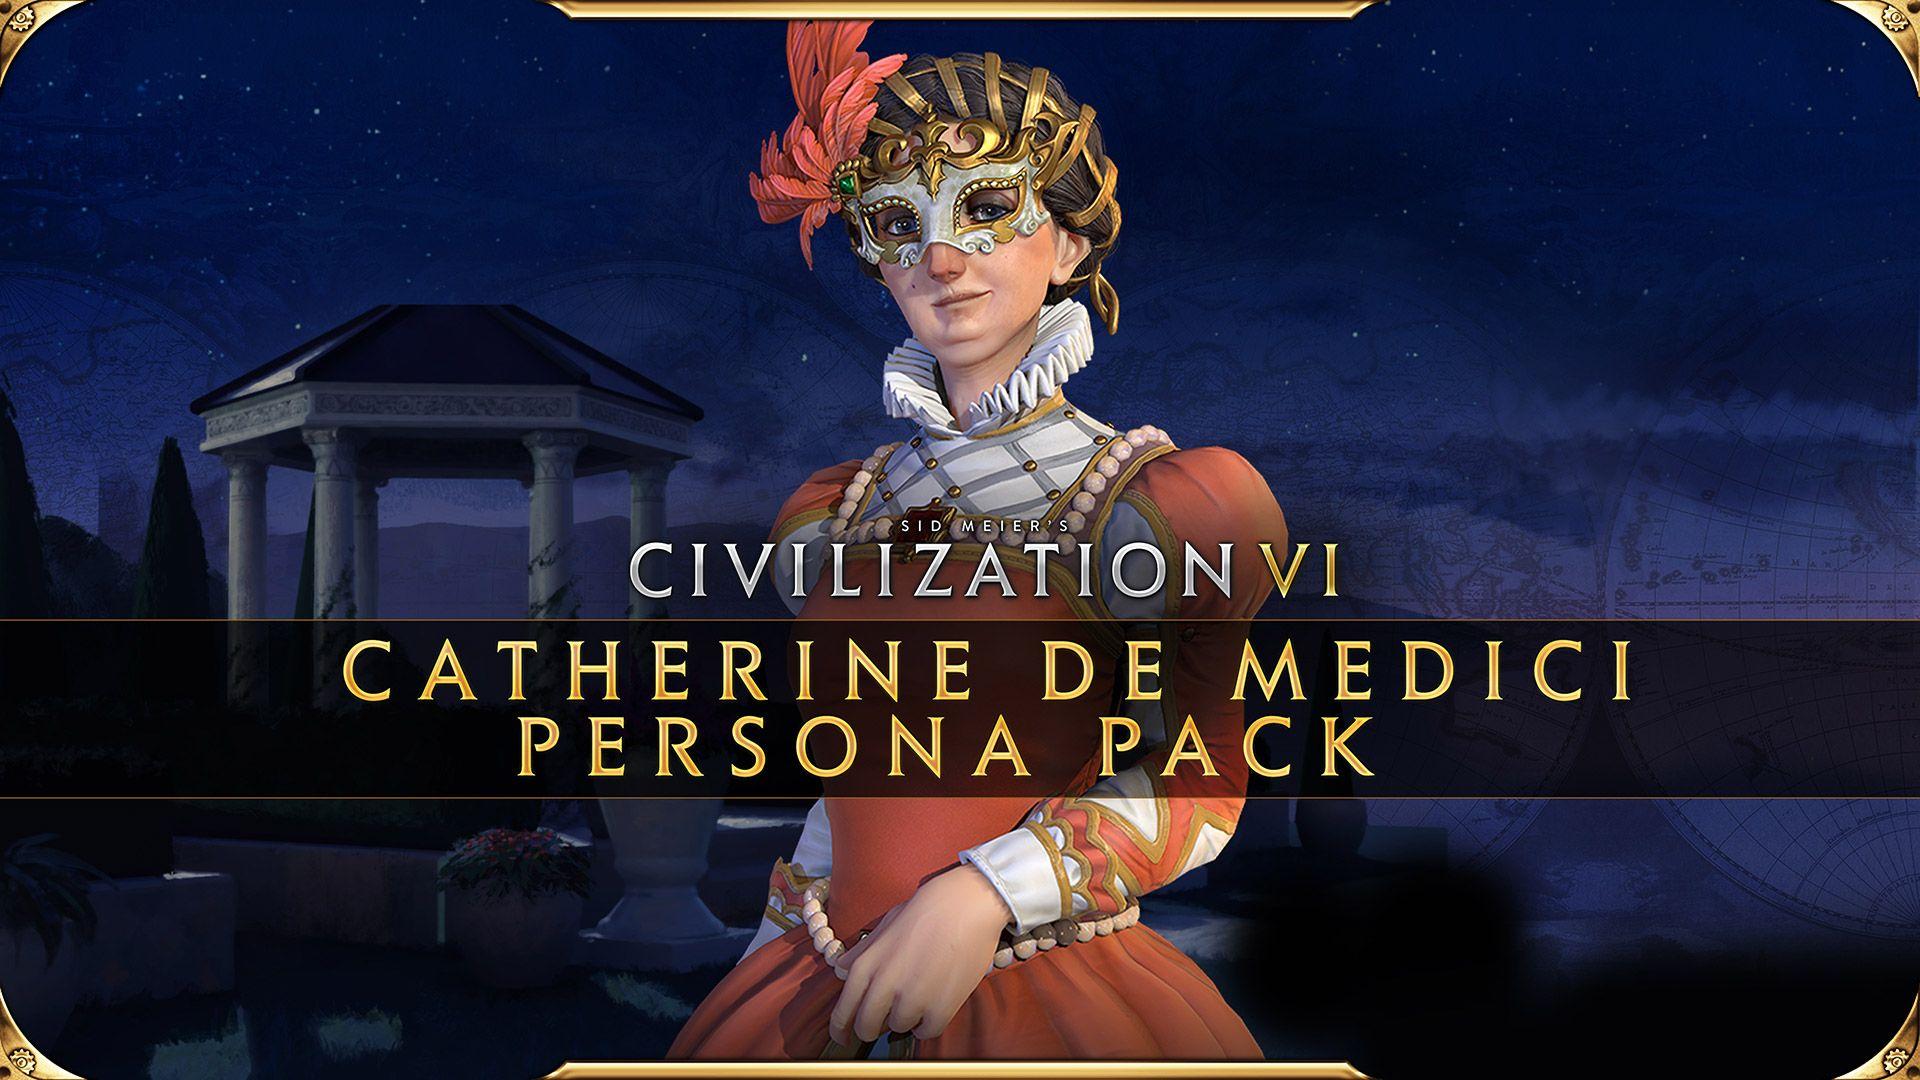 Catherine De Medici Persona Pack